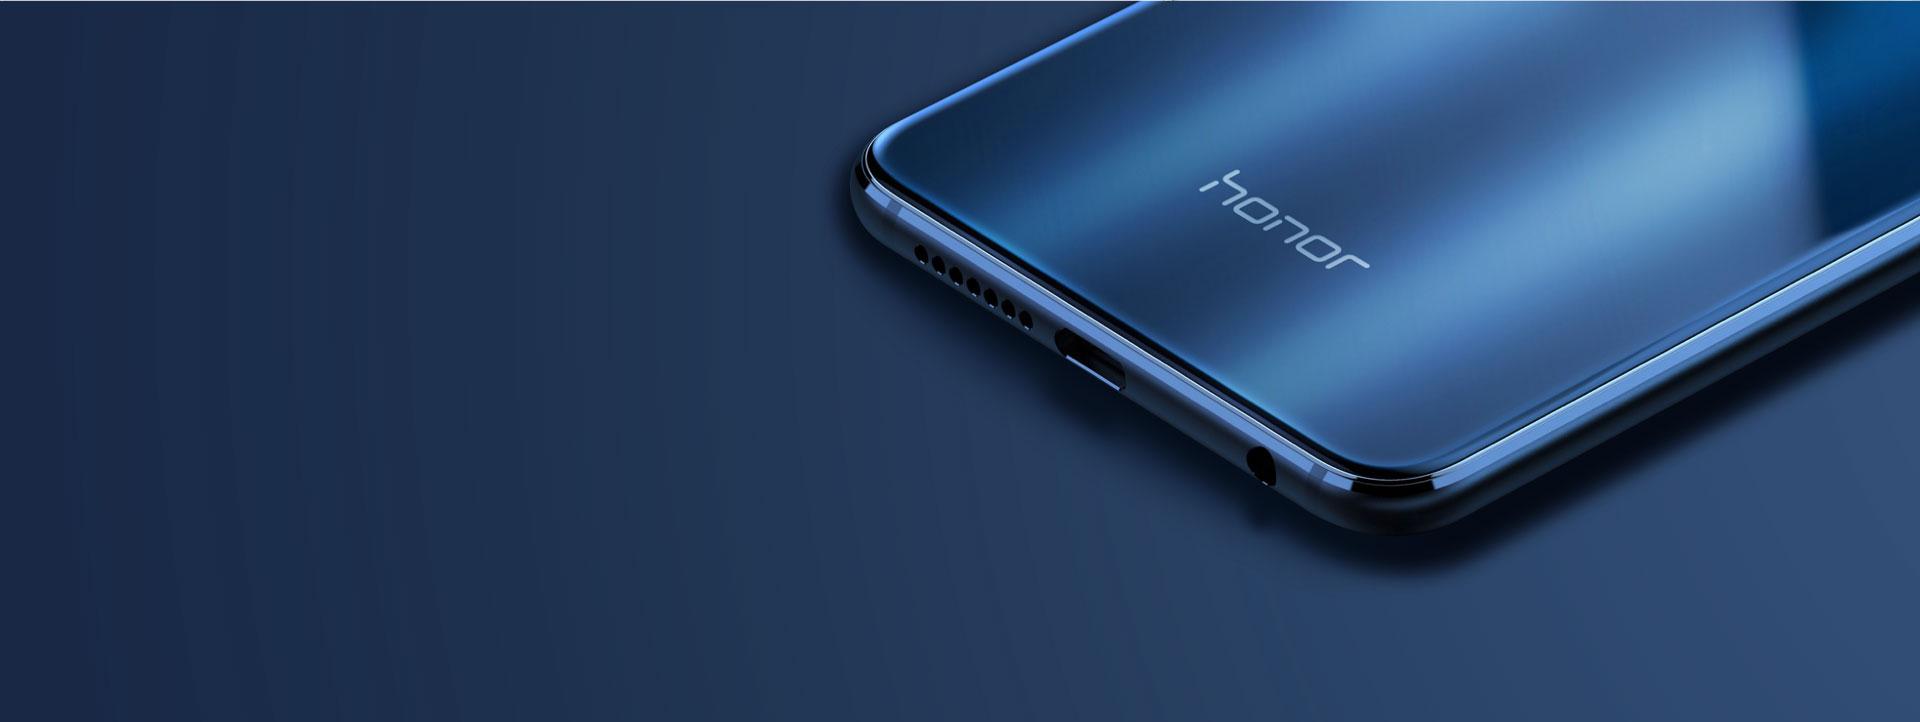 Honor in vendita per 3,1 miliardi: trattative con Digital China, Xiaomi e TCL